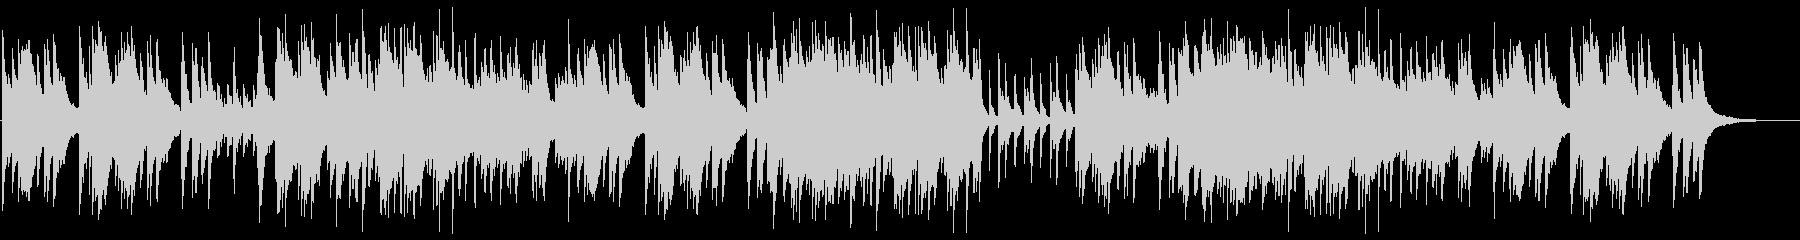 爽やかで切ないピアノのサウンドの未再生の波形